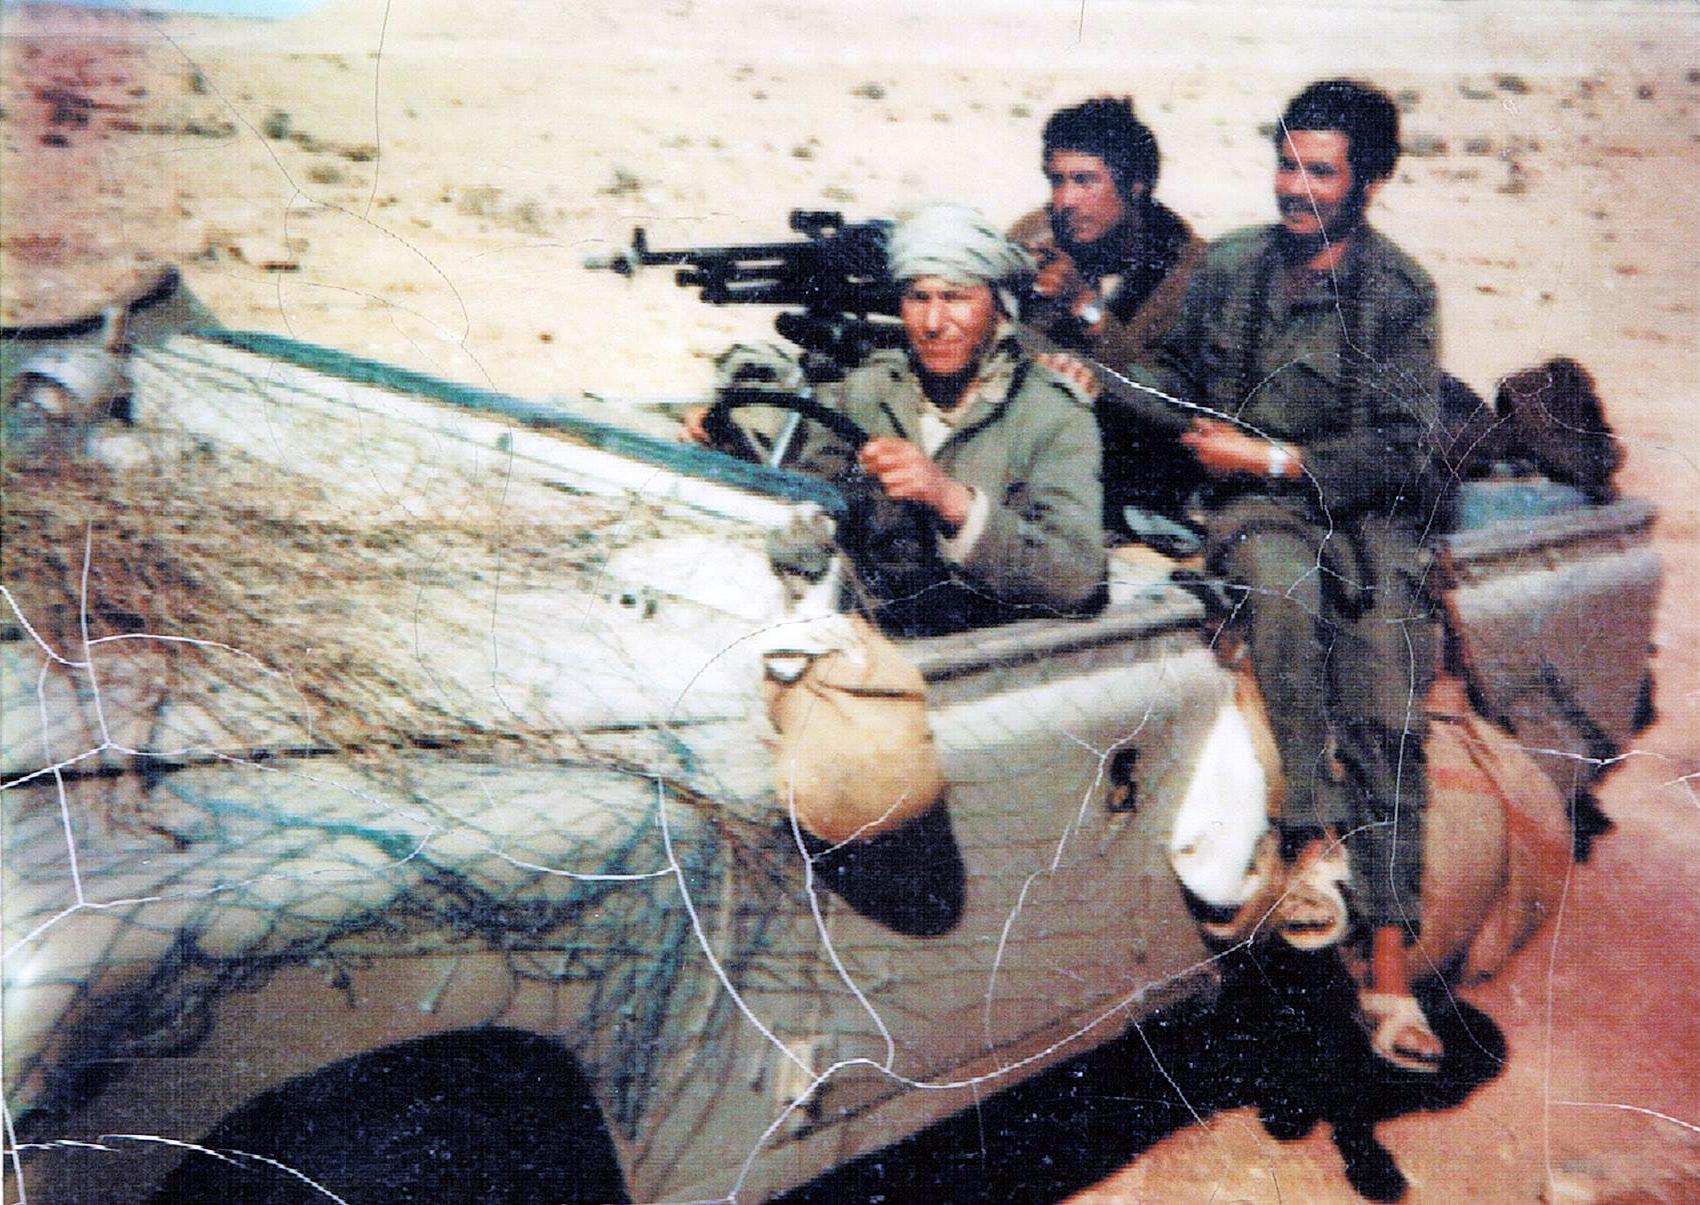 Le conflit armé du sahara marocain - Page 8 151221043748210430